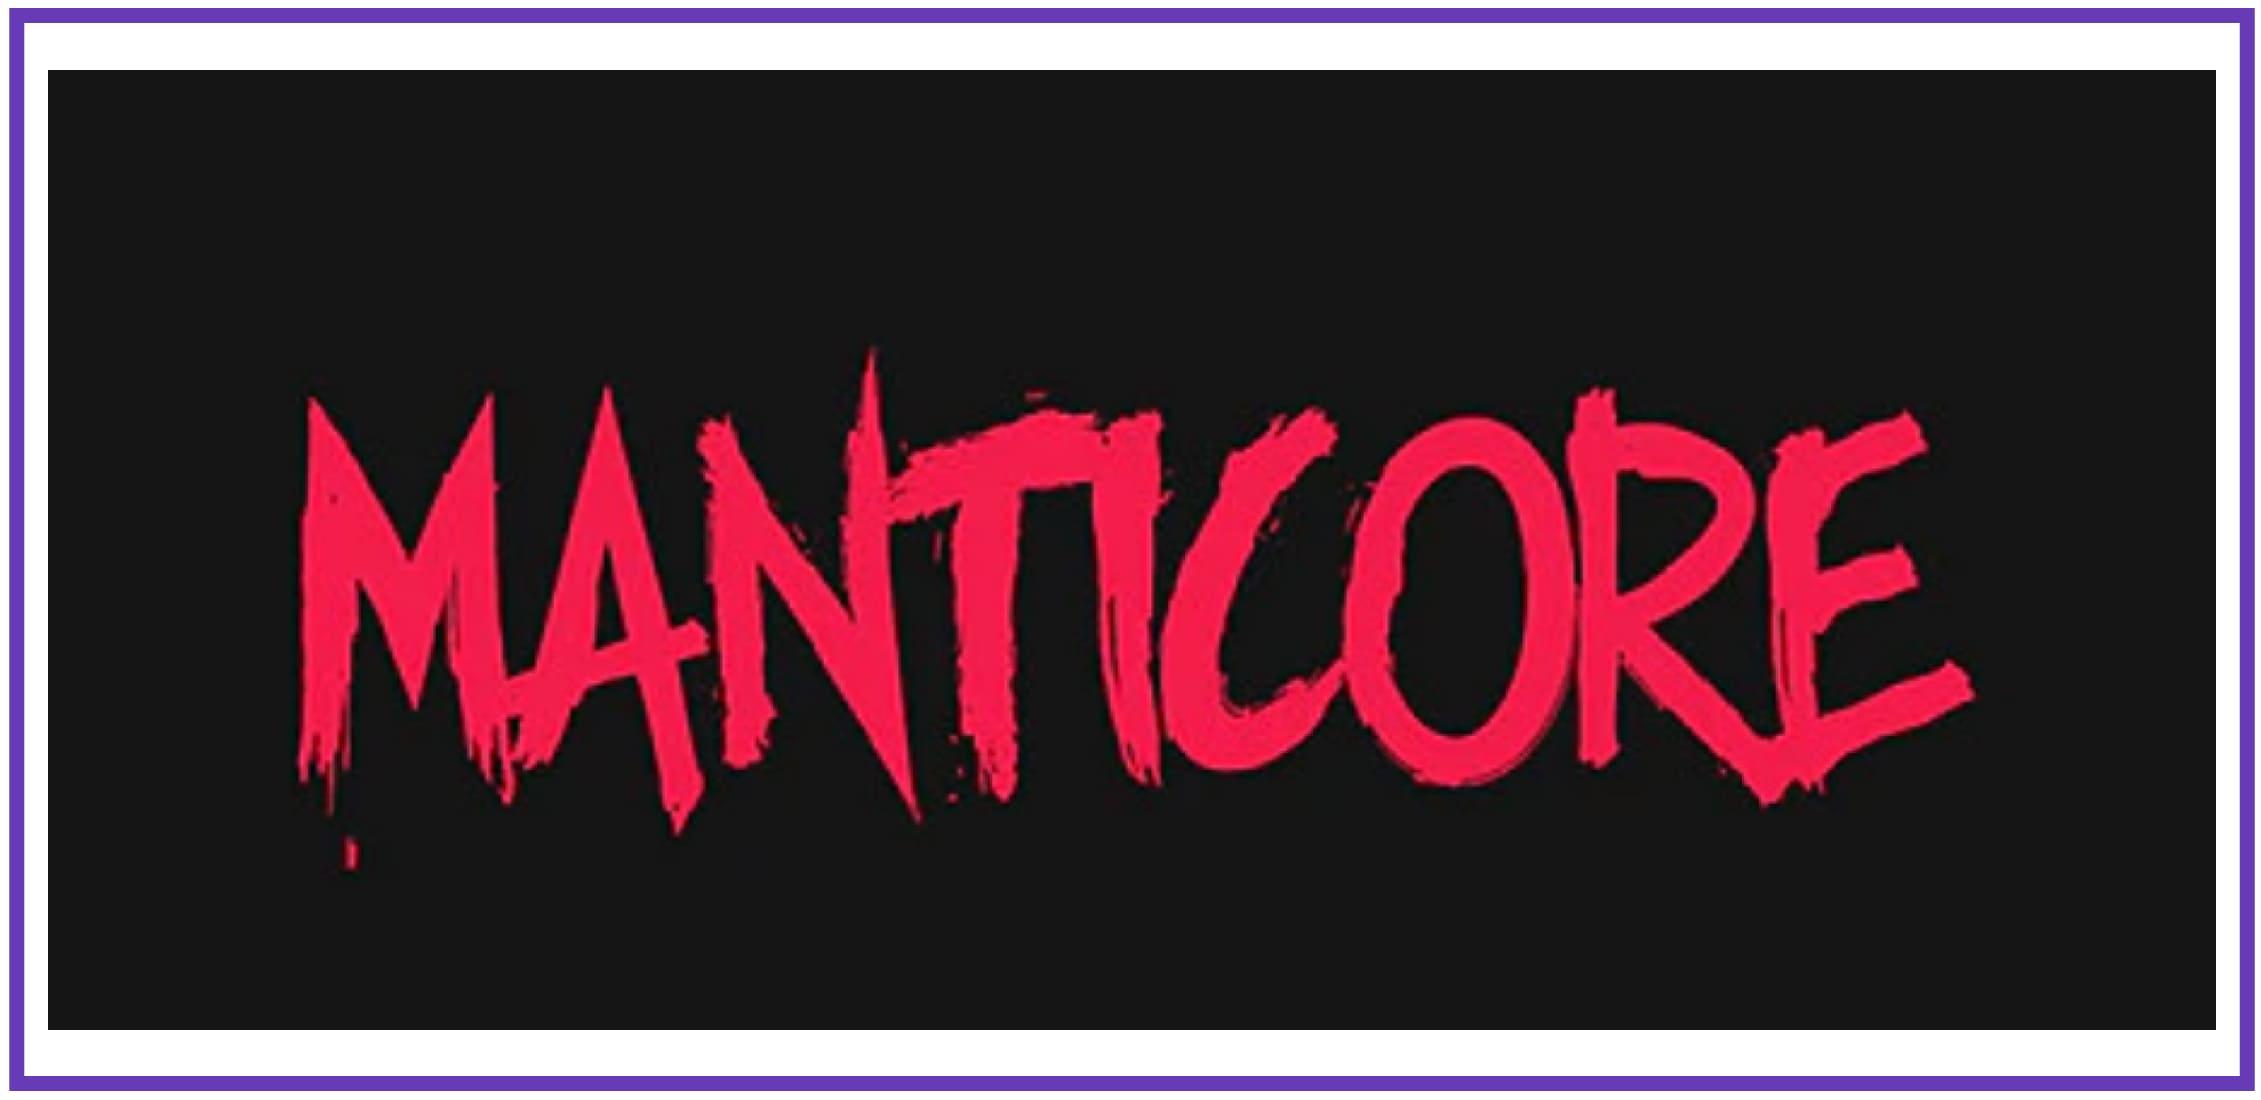 Top-notch Manticore. Punk Font.